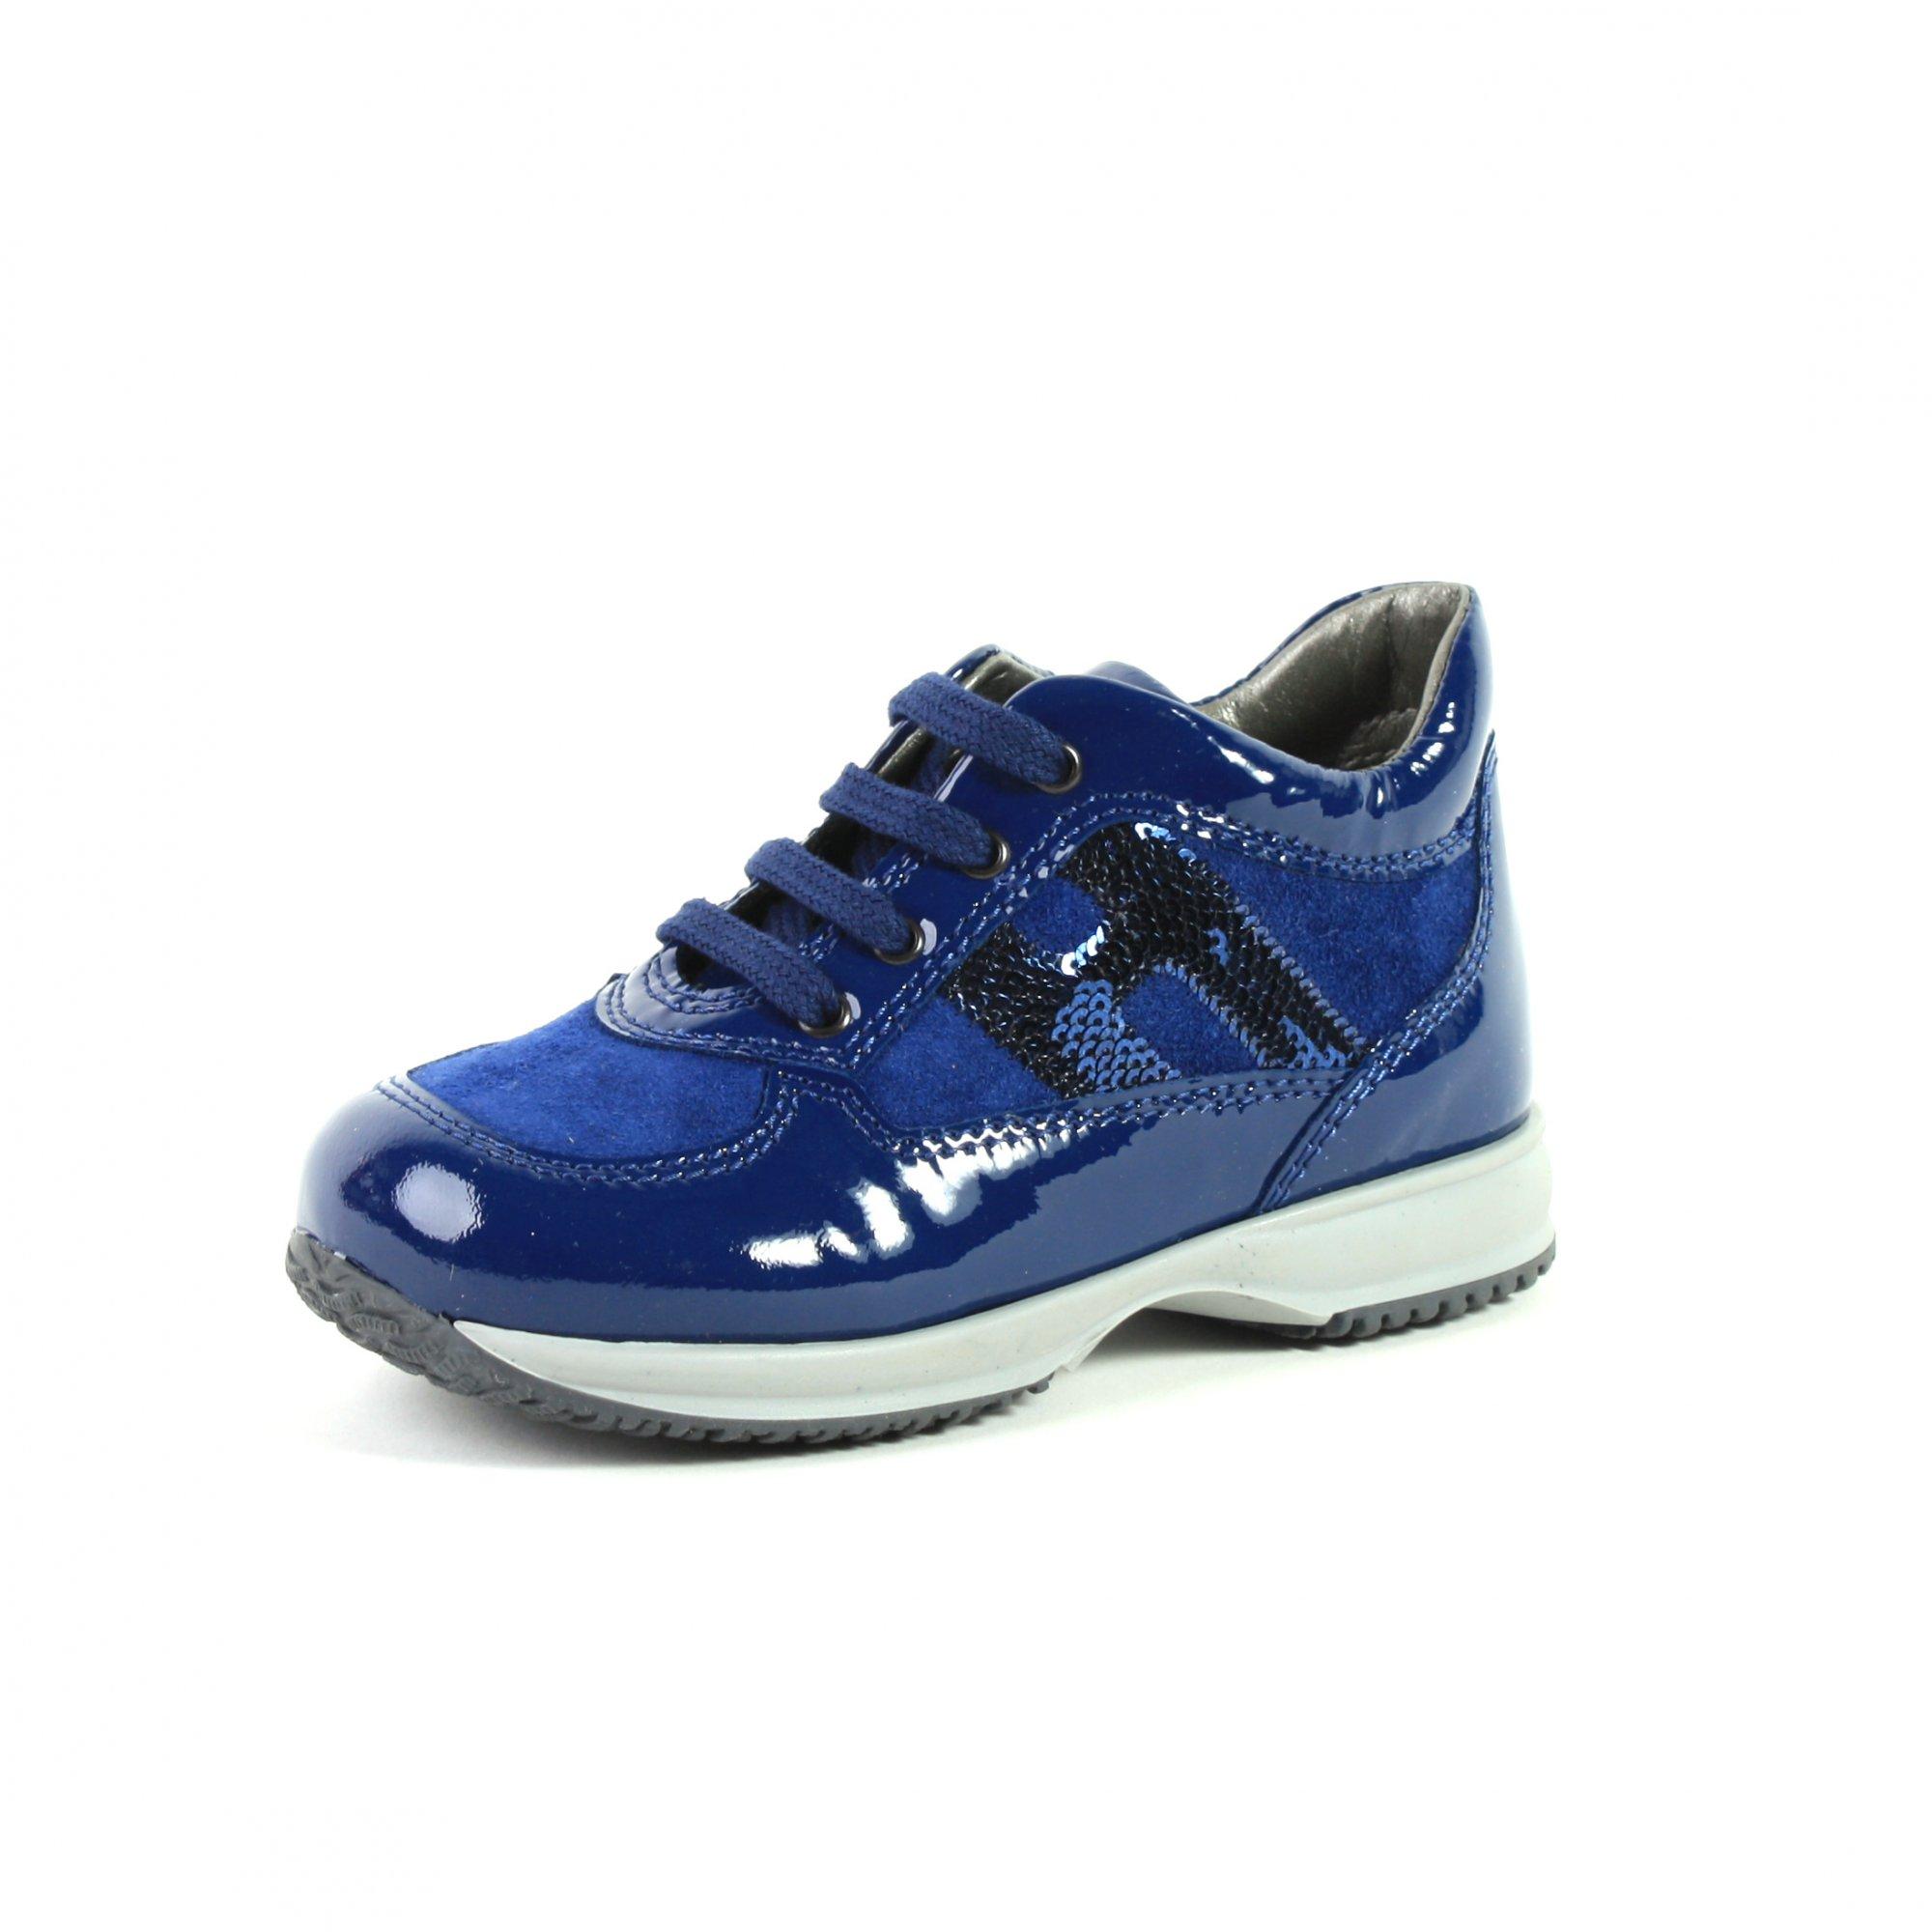 vendita online scarpe hogan interactive bambina